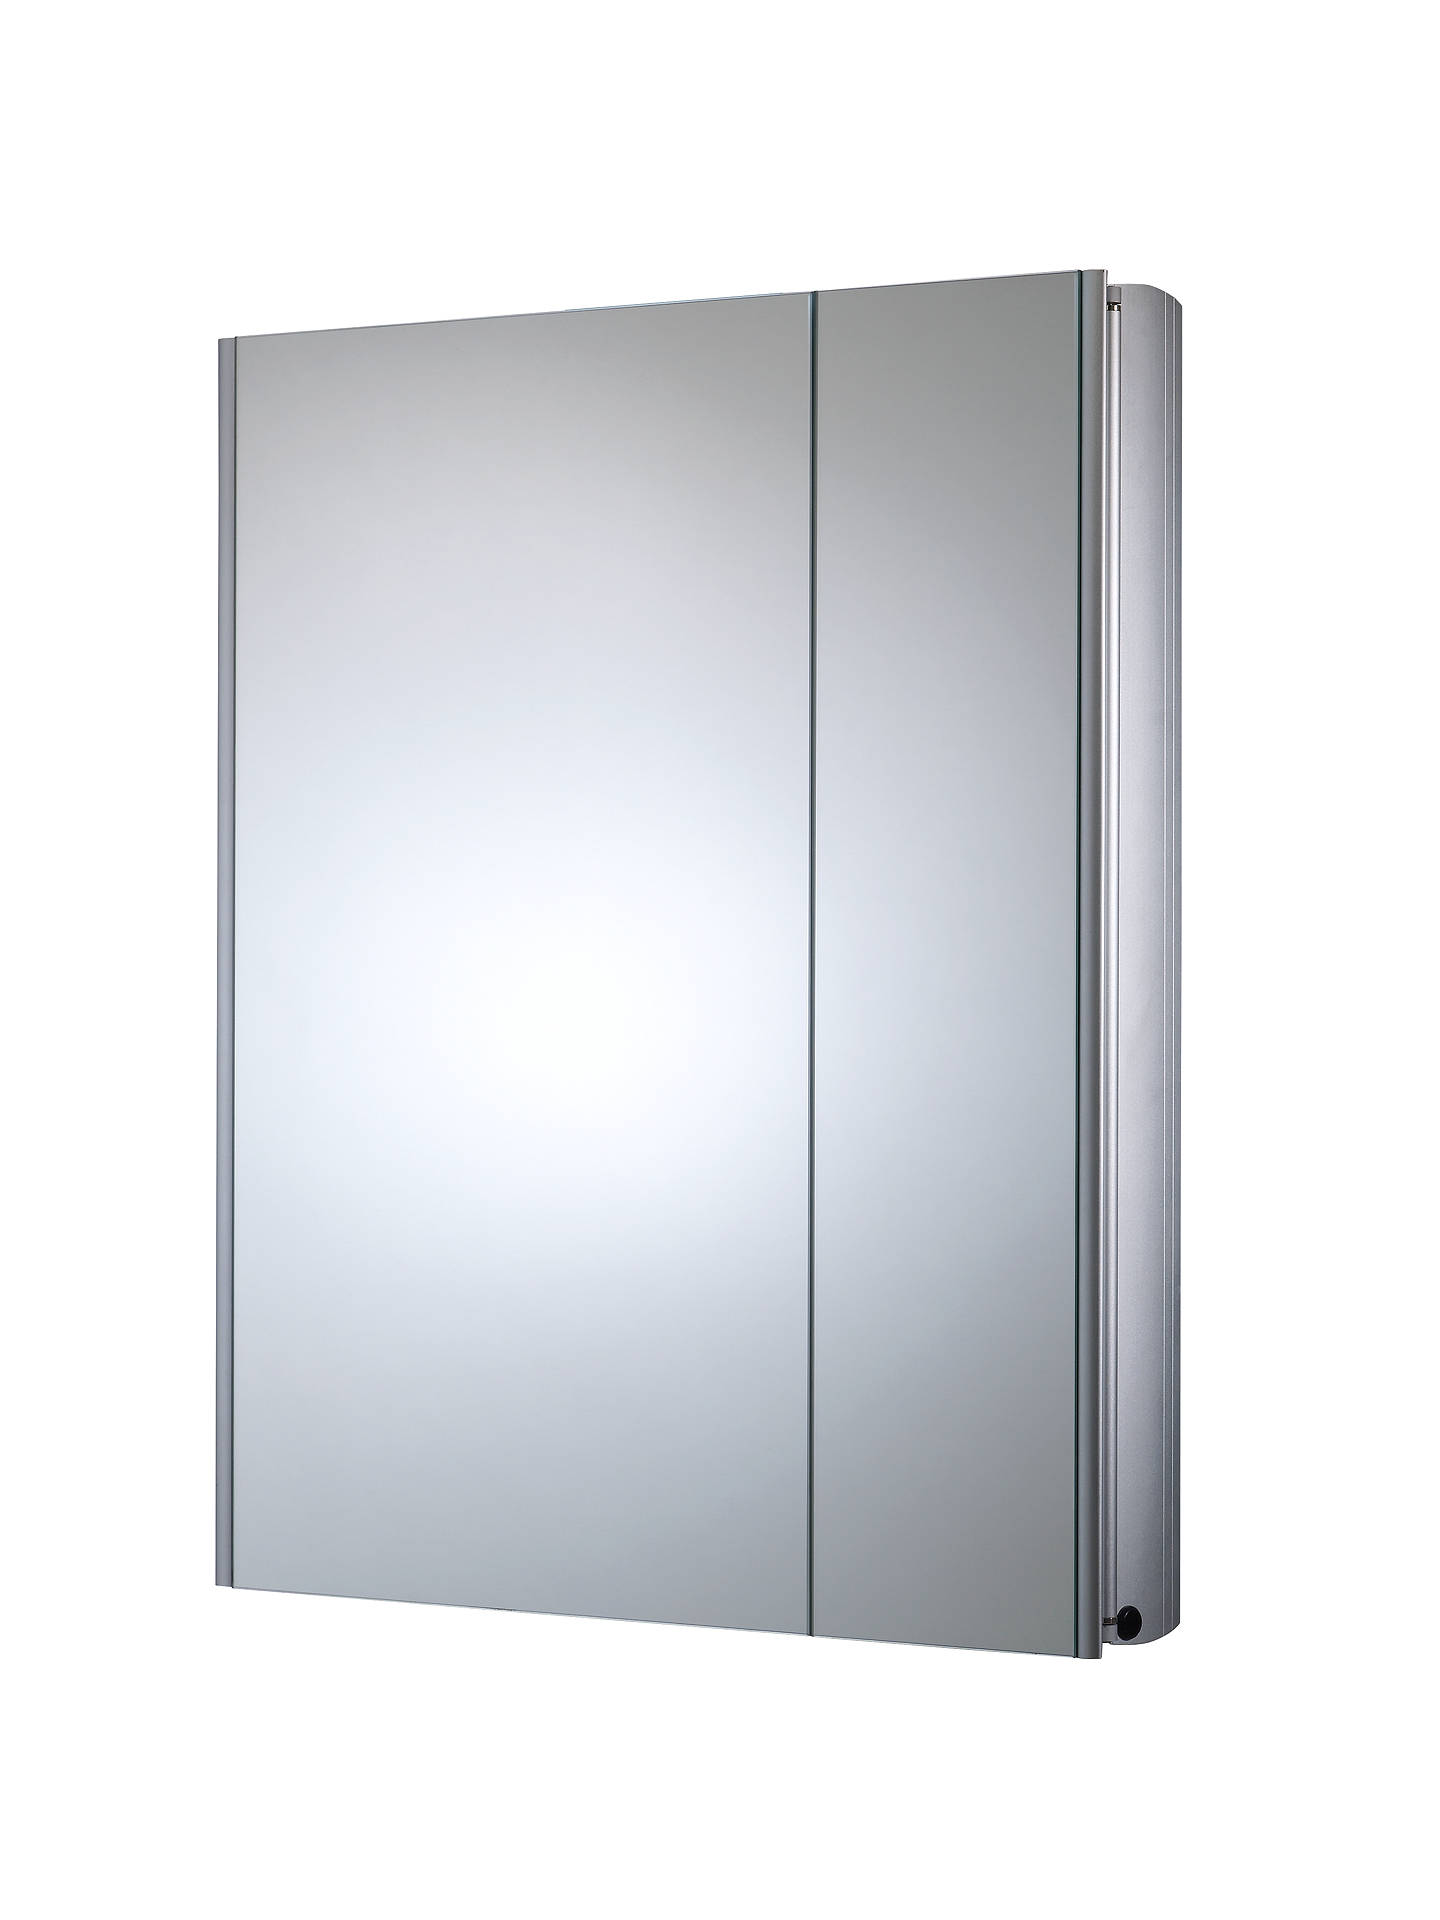 check out bc26e c7122 Roper Rhodes Refine Slimline Double Mirrored Bathroom ...